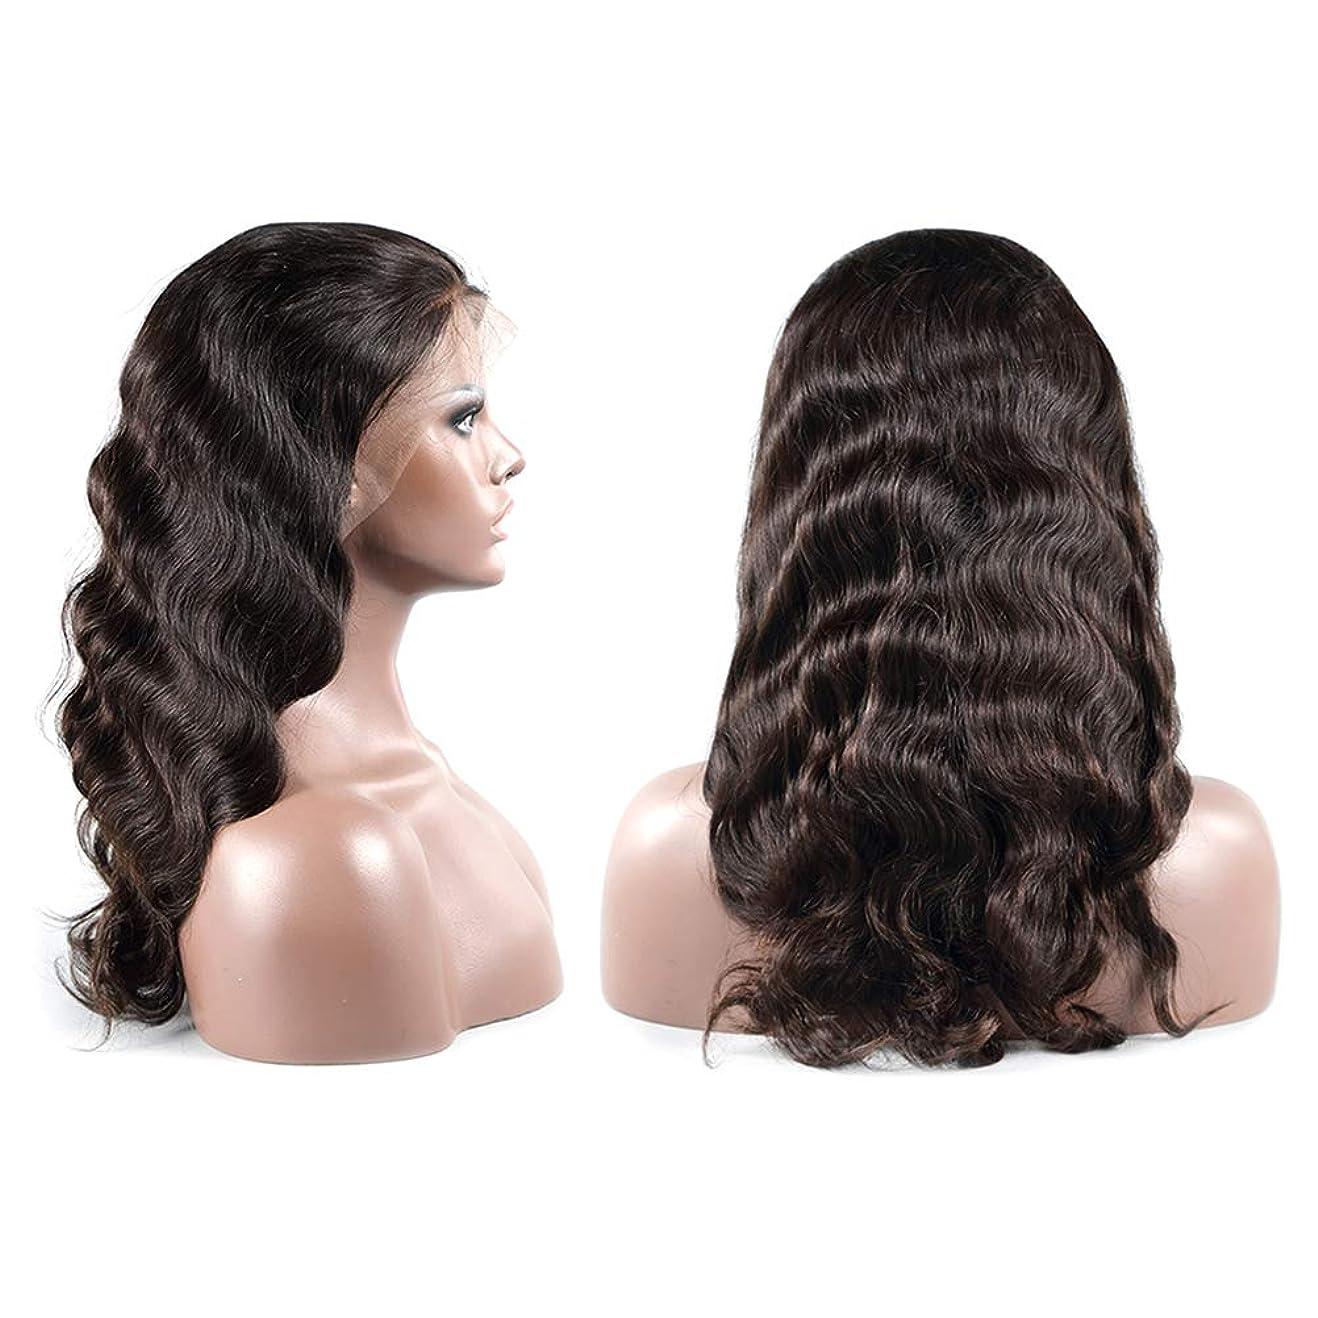 回転文献決定女性ファッション長い巻き毛のかつらフロントレースカールかつら自然に見える絶妙な弾性ネットかつらカバー(LS-036)